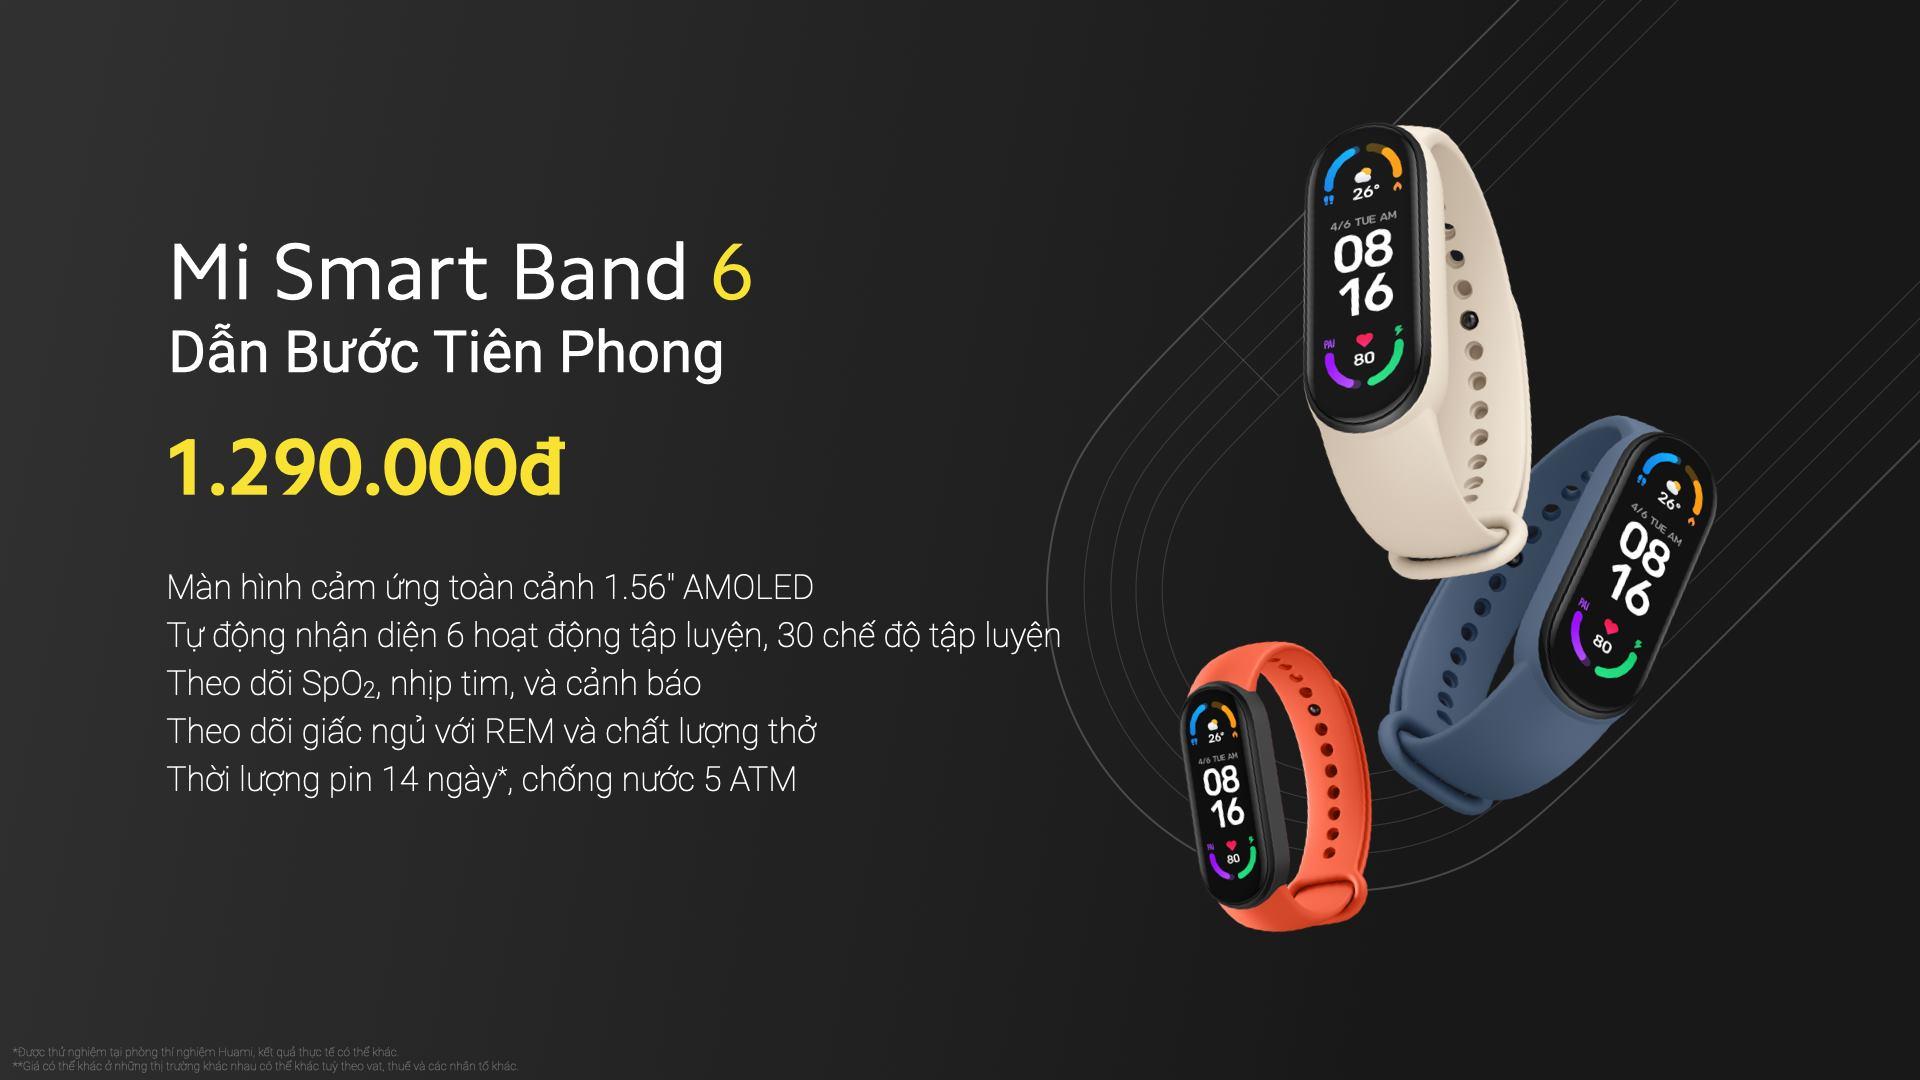 Xiaomi ra mắt Mi Band 6 tại VN: Màn hình màu AMOLED tràn viền, đo SpO2, pin 14 ngày, giá 1.29 triệu đồng - Ảnh 1.